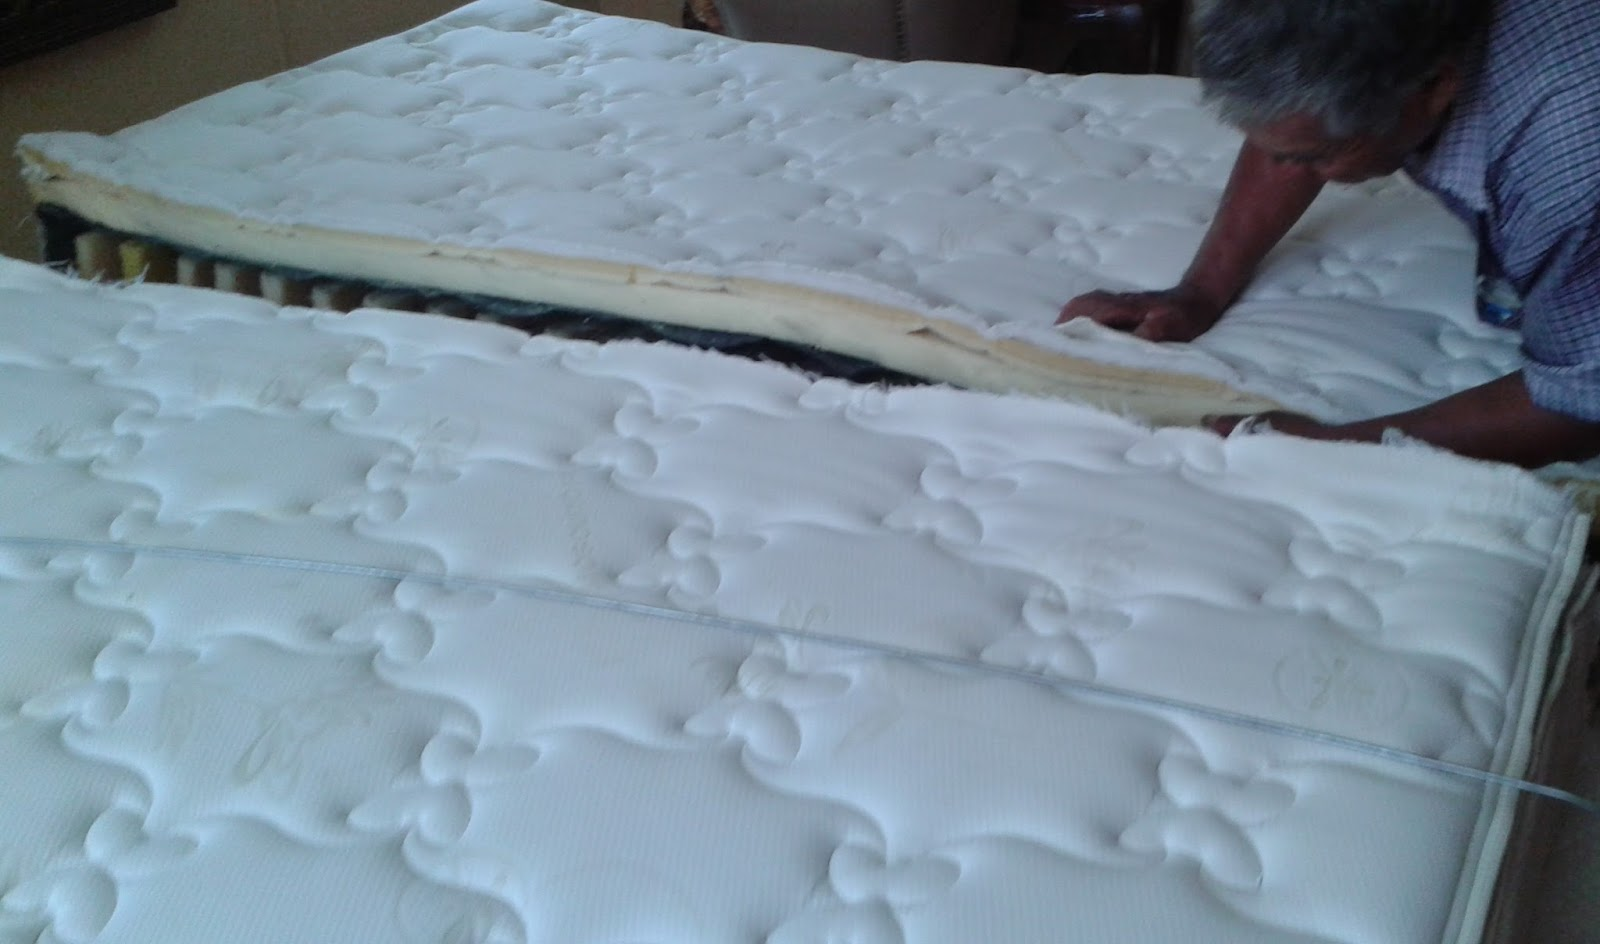 Mantenimiento corte y fabricaci n colchones a la medida for Que medidas tiene un colchon king size